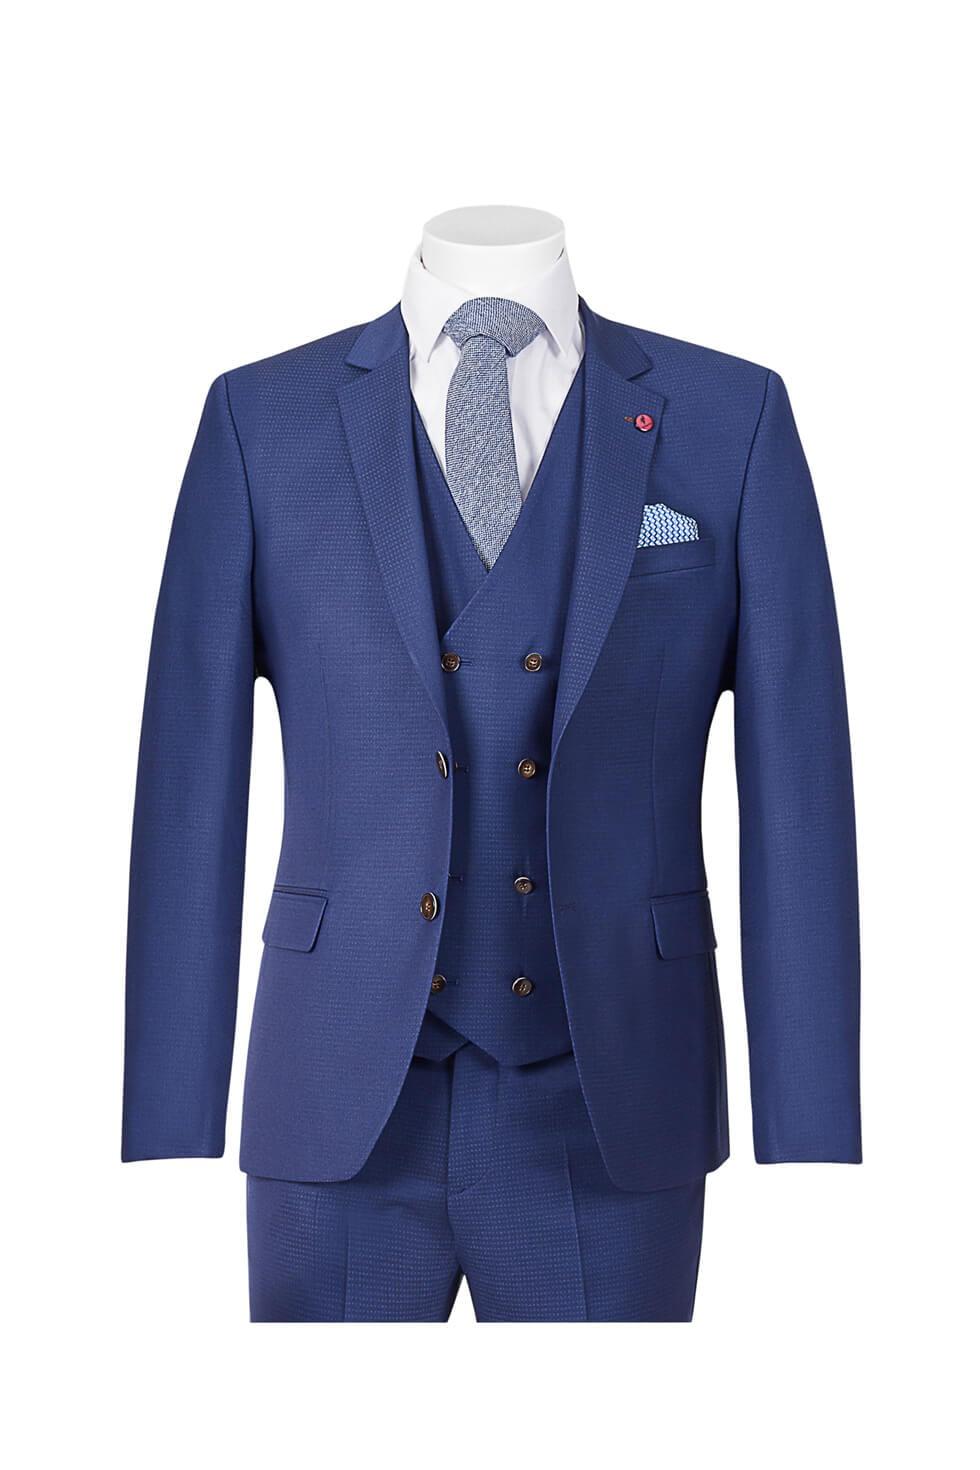 Ink Blue Lounge Suit